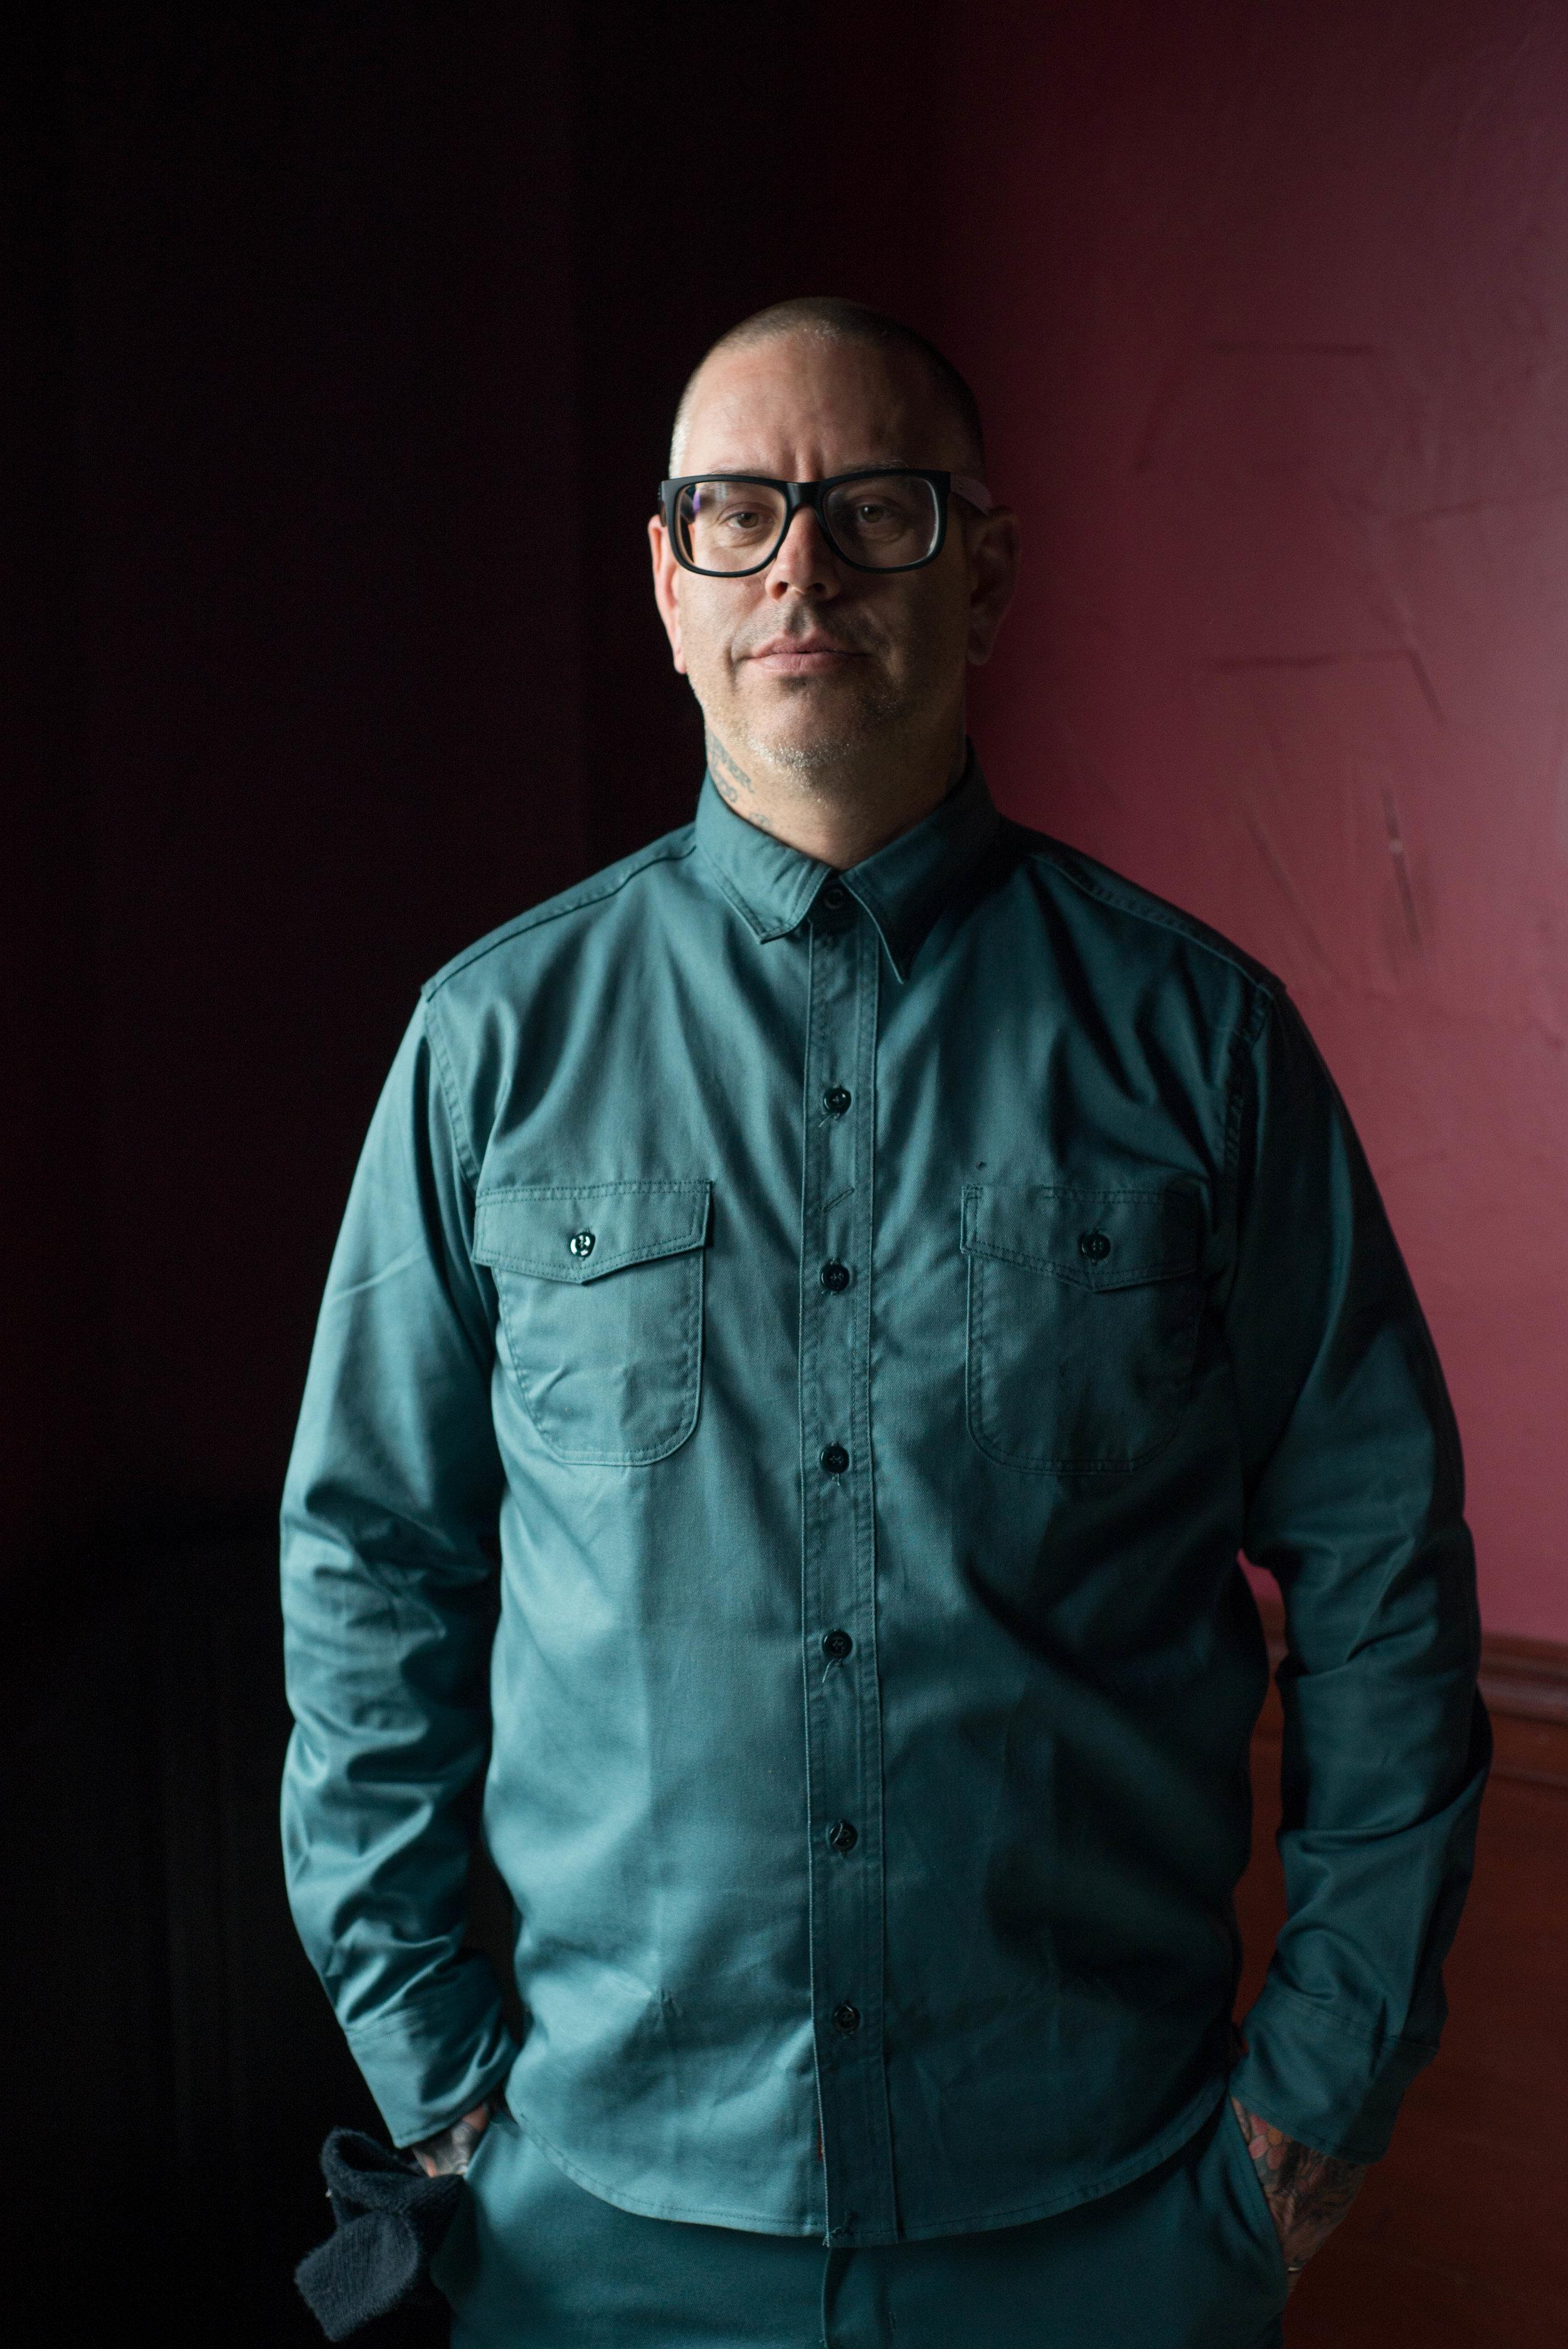 Scott Jones, Noise Cycles (for Black Bear Brand)